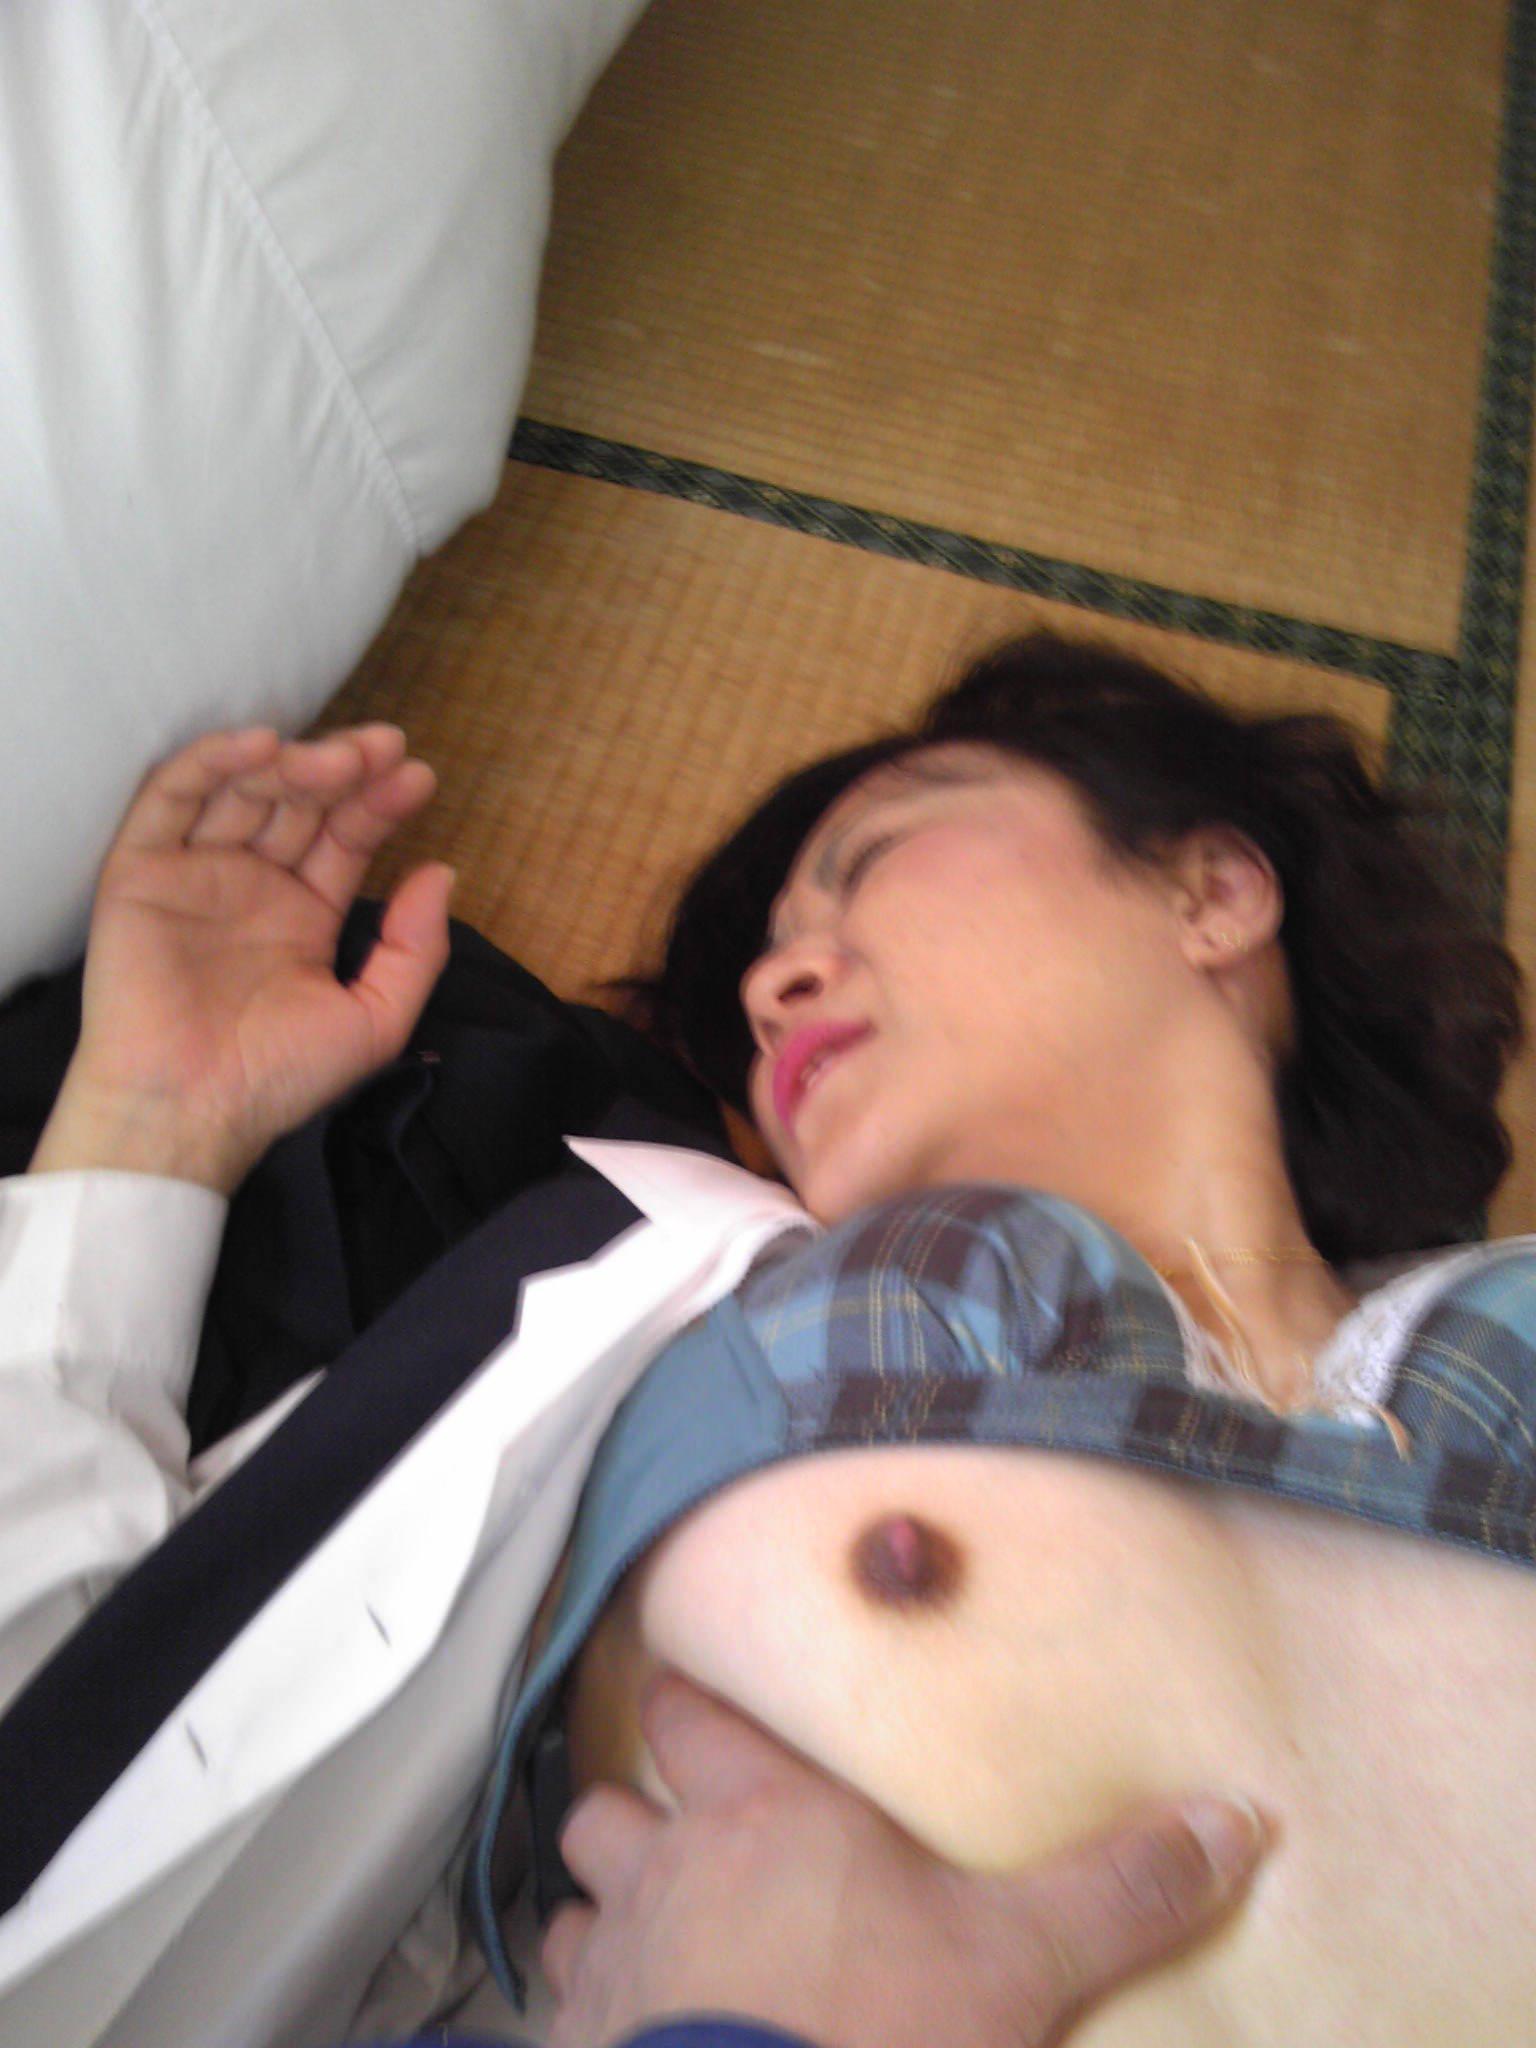 素人人妻のイキ顔エロ画像!!!歳を増す毎に感度ビンビン快感熟女www 0907